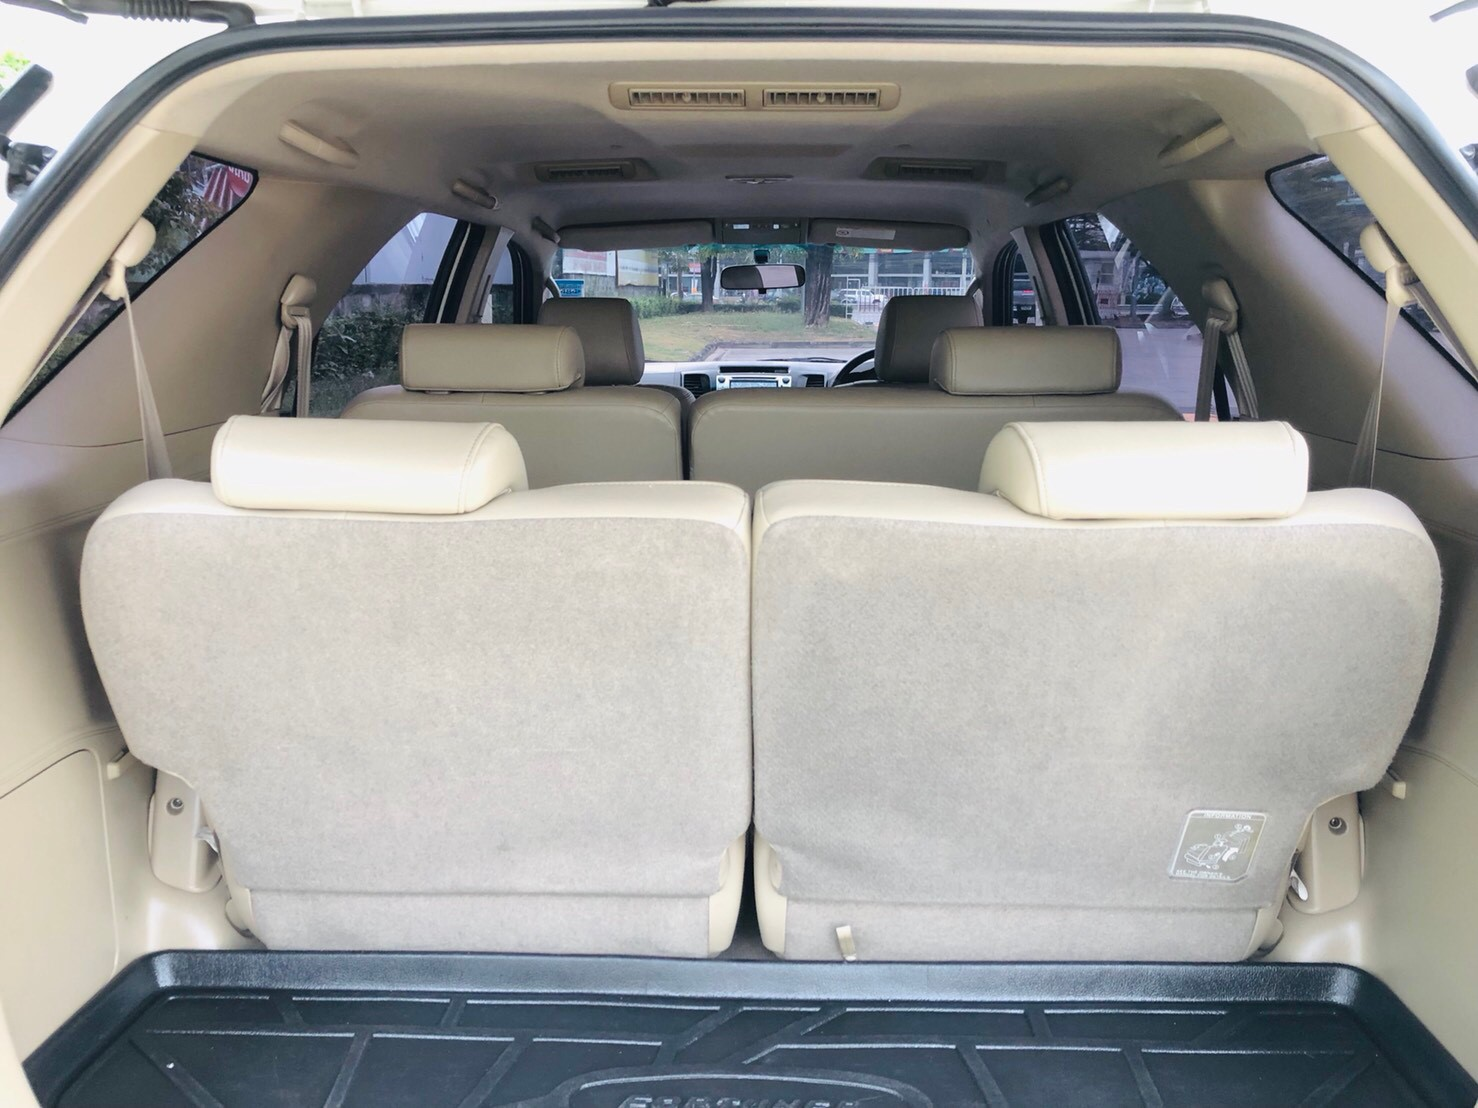 ภาพท้ายรถ โตโยต้า ฟอร์จูนเนอร์ 3.0 V 4WD ปี 2013